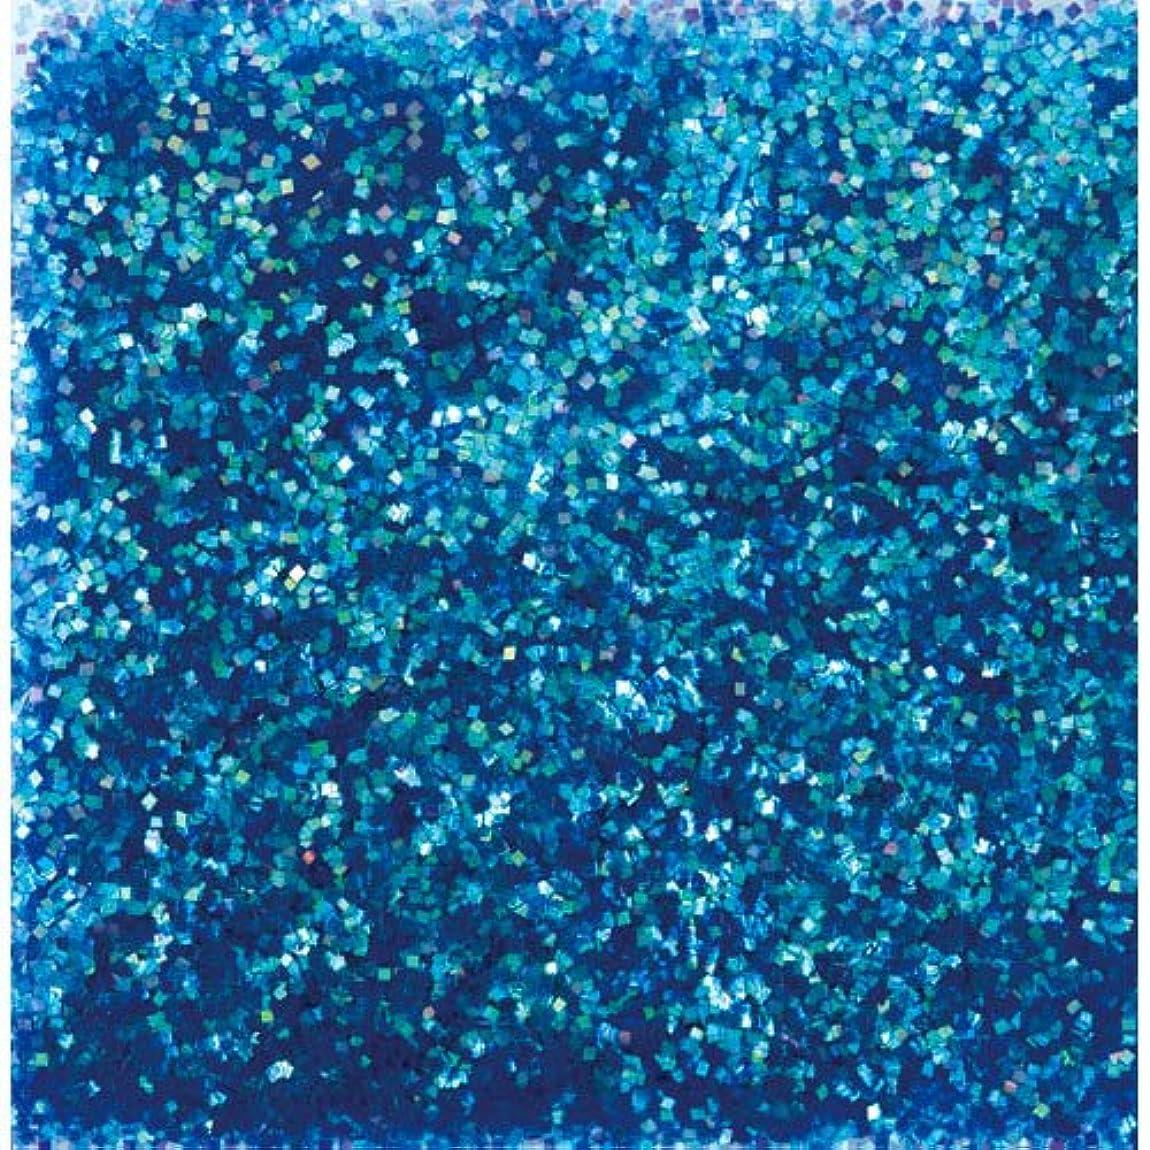 薄い安西処方ピカエース ネイル用パウダー ピカエース オーロラグリッター M #497 ブルー 1.5g アート材